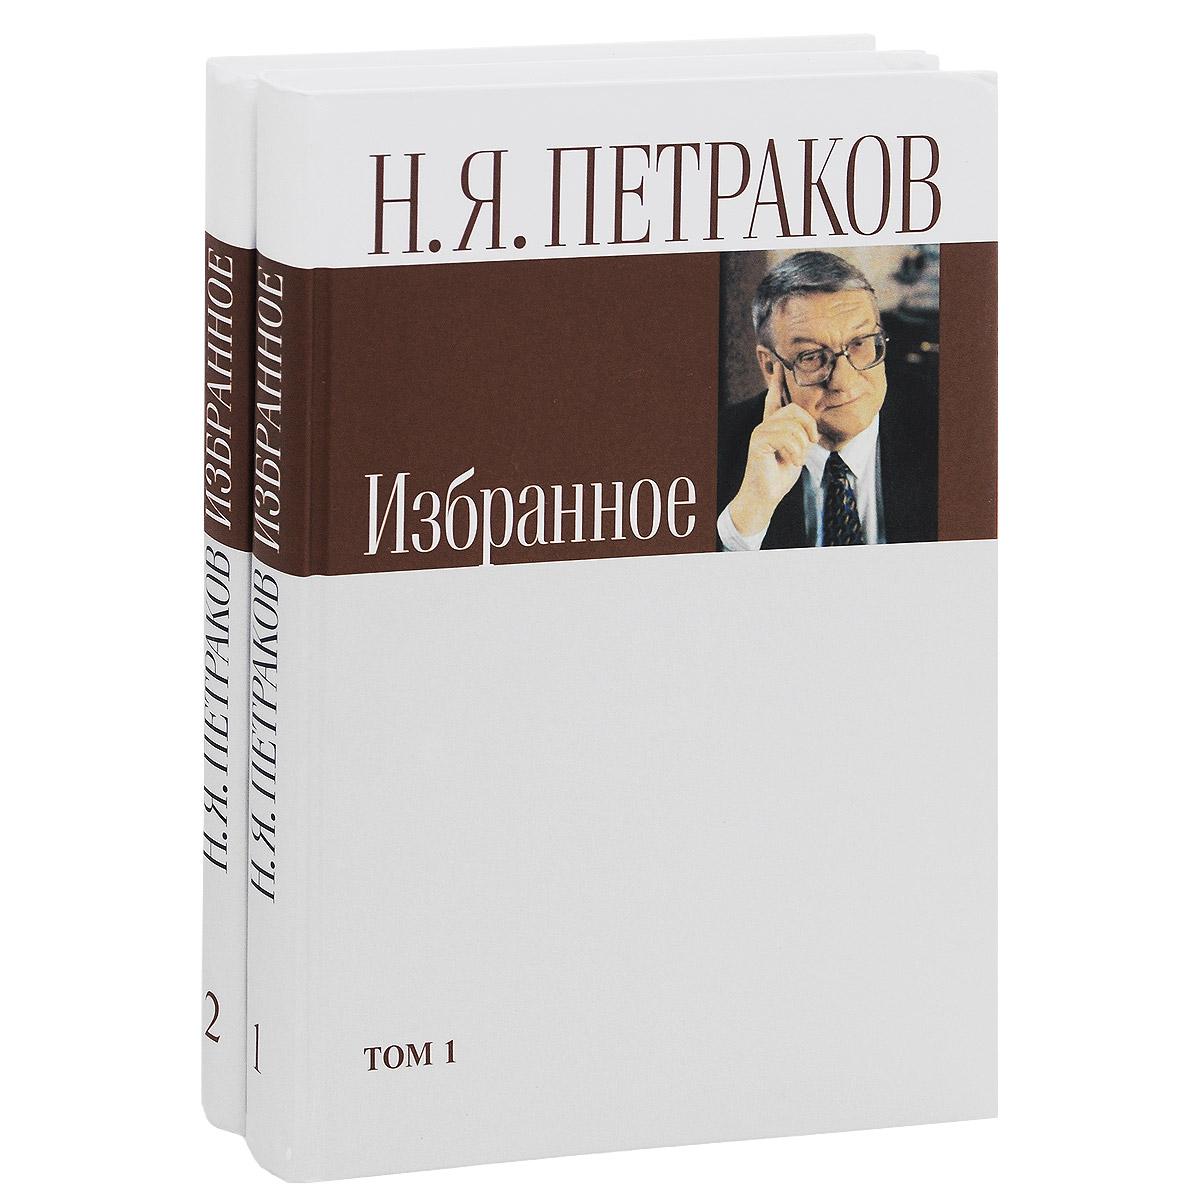 Н. Я. Петраков Н. Я. Петраков. Избранное. В 2 томах (комплект) н в цегельная в поисках своего я